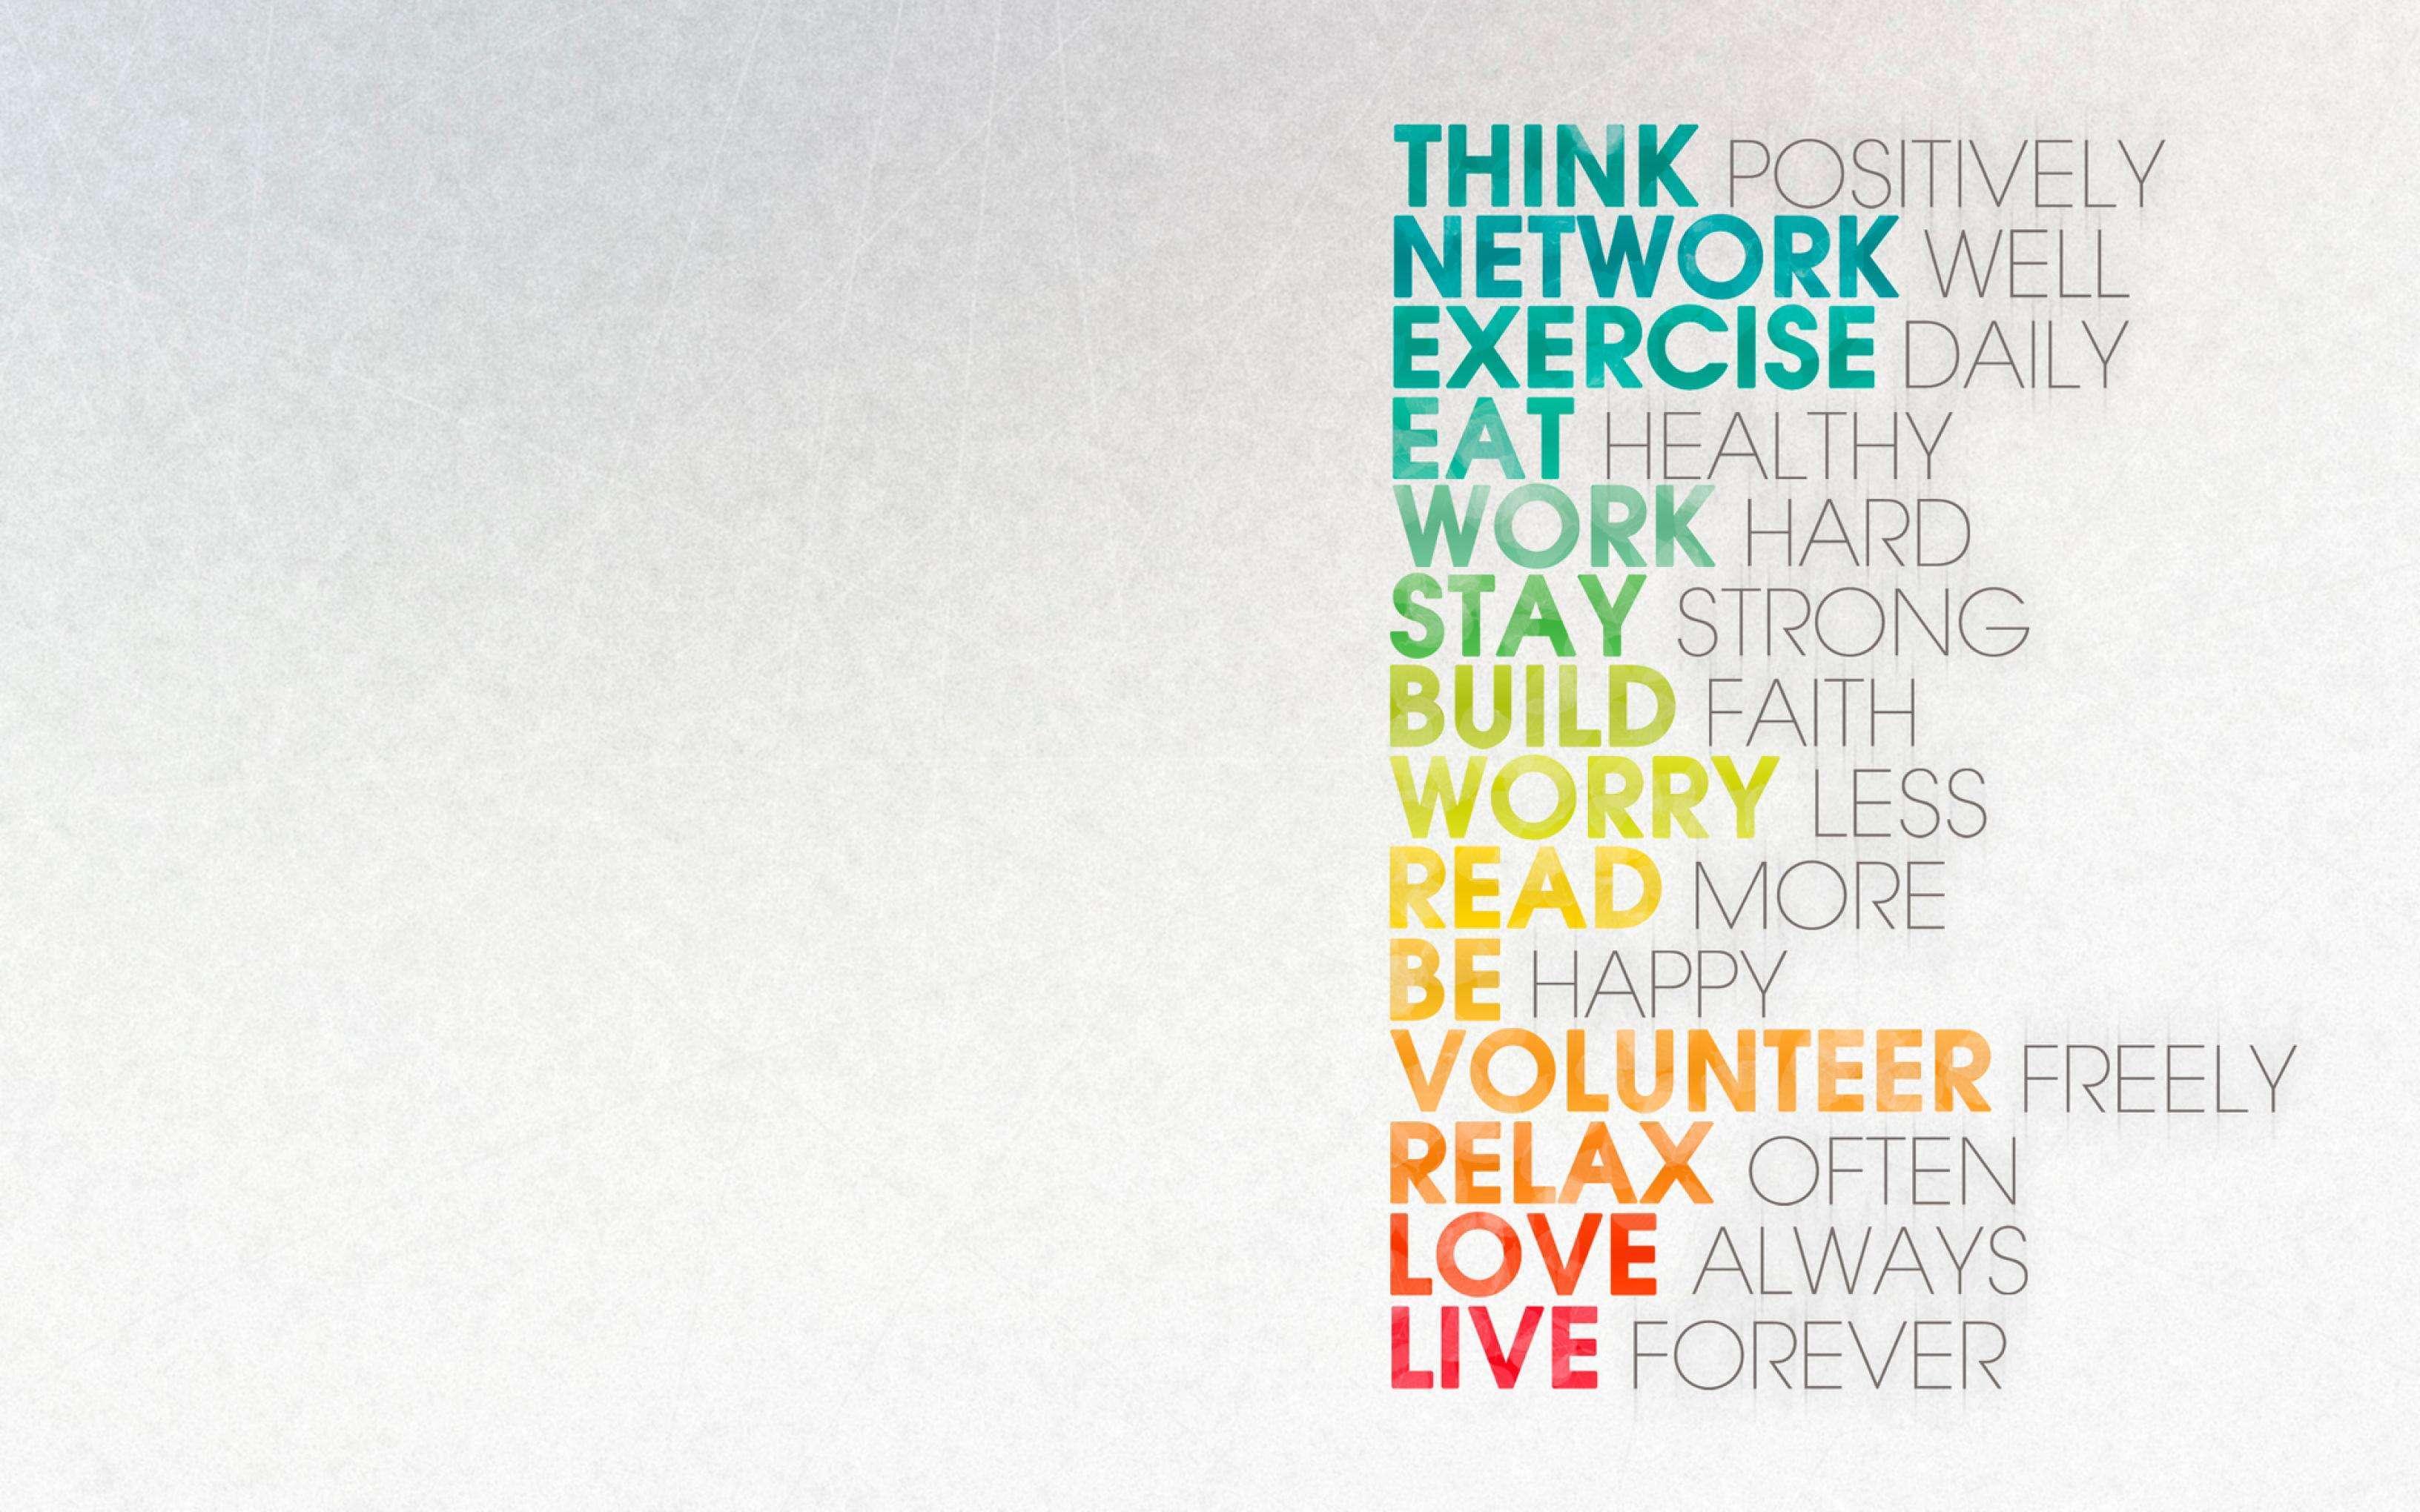 Desktop Wallpaper Motivational - HD Wallpaper